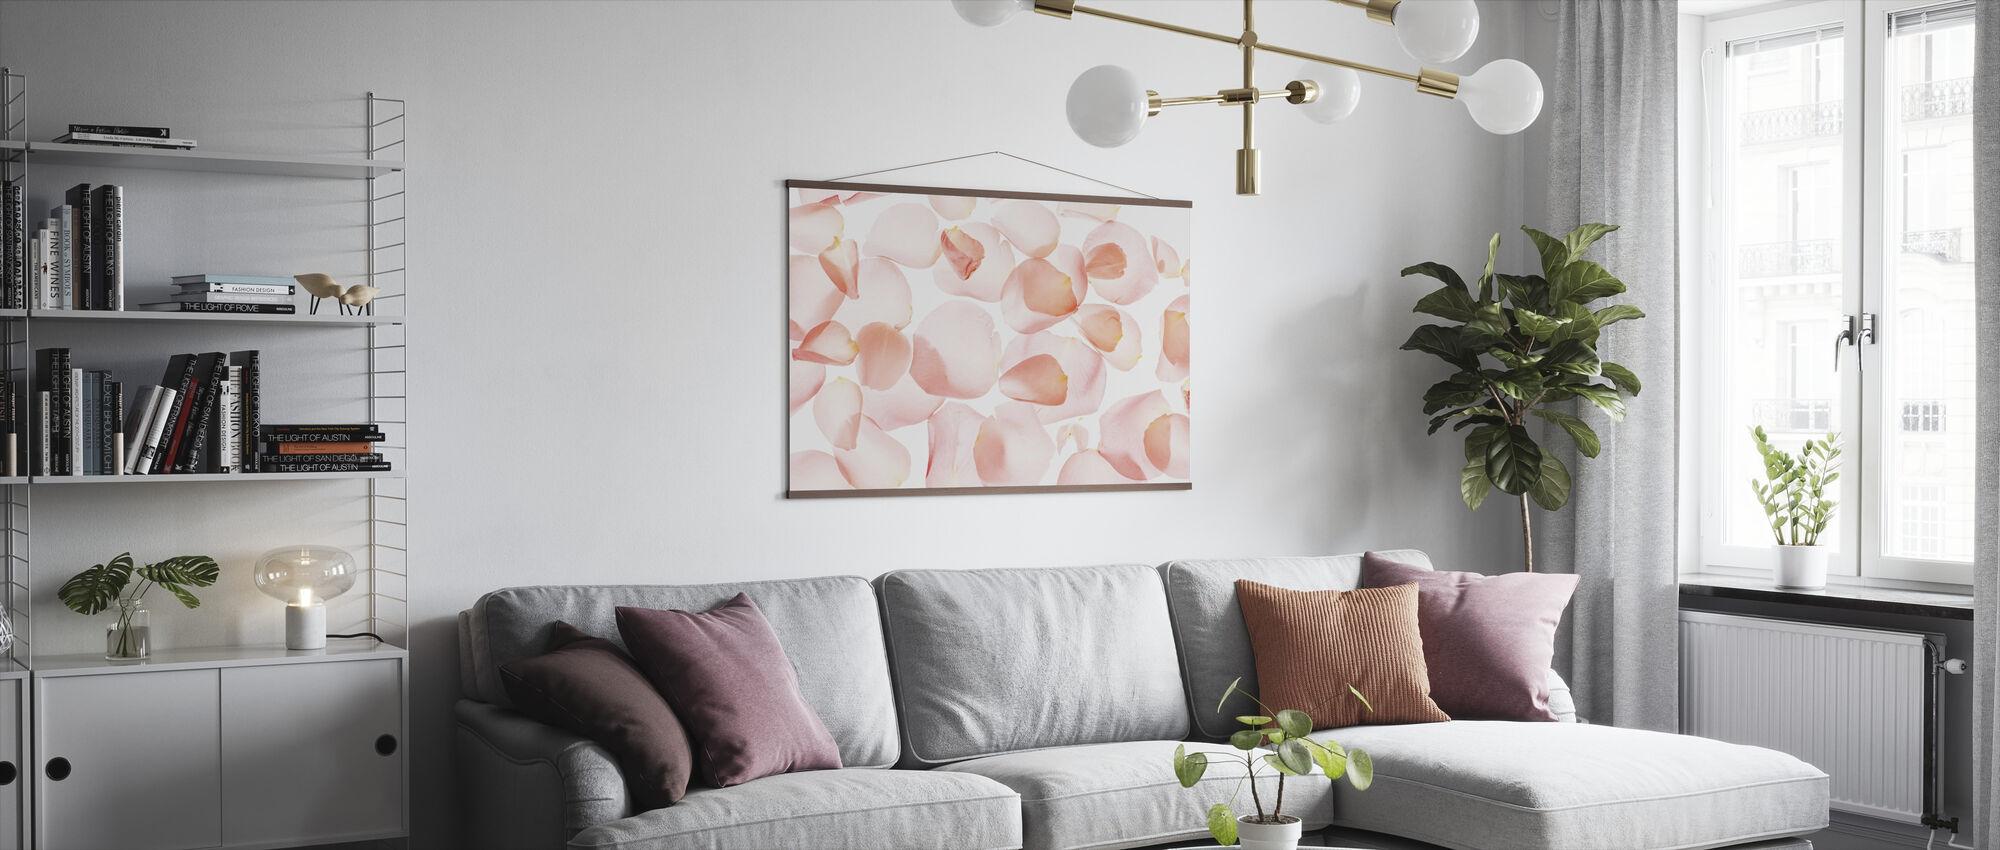 Pastel Roze Aquarel - Poster - Woonkamer